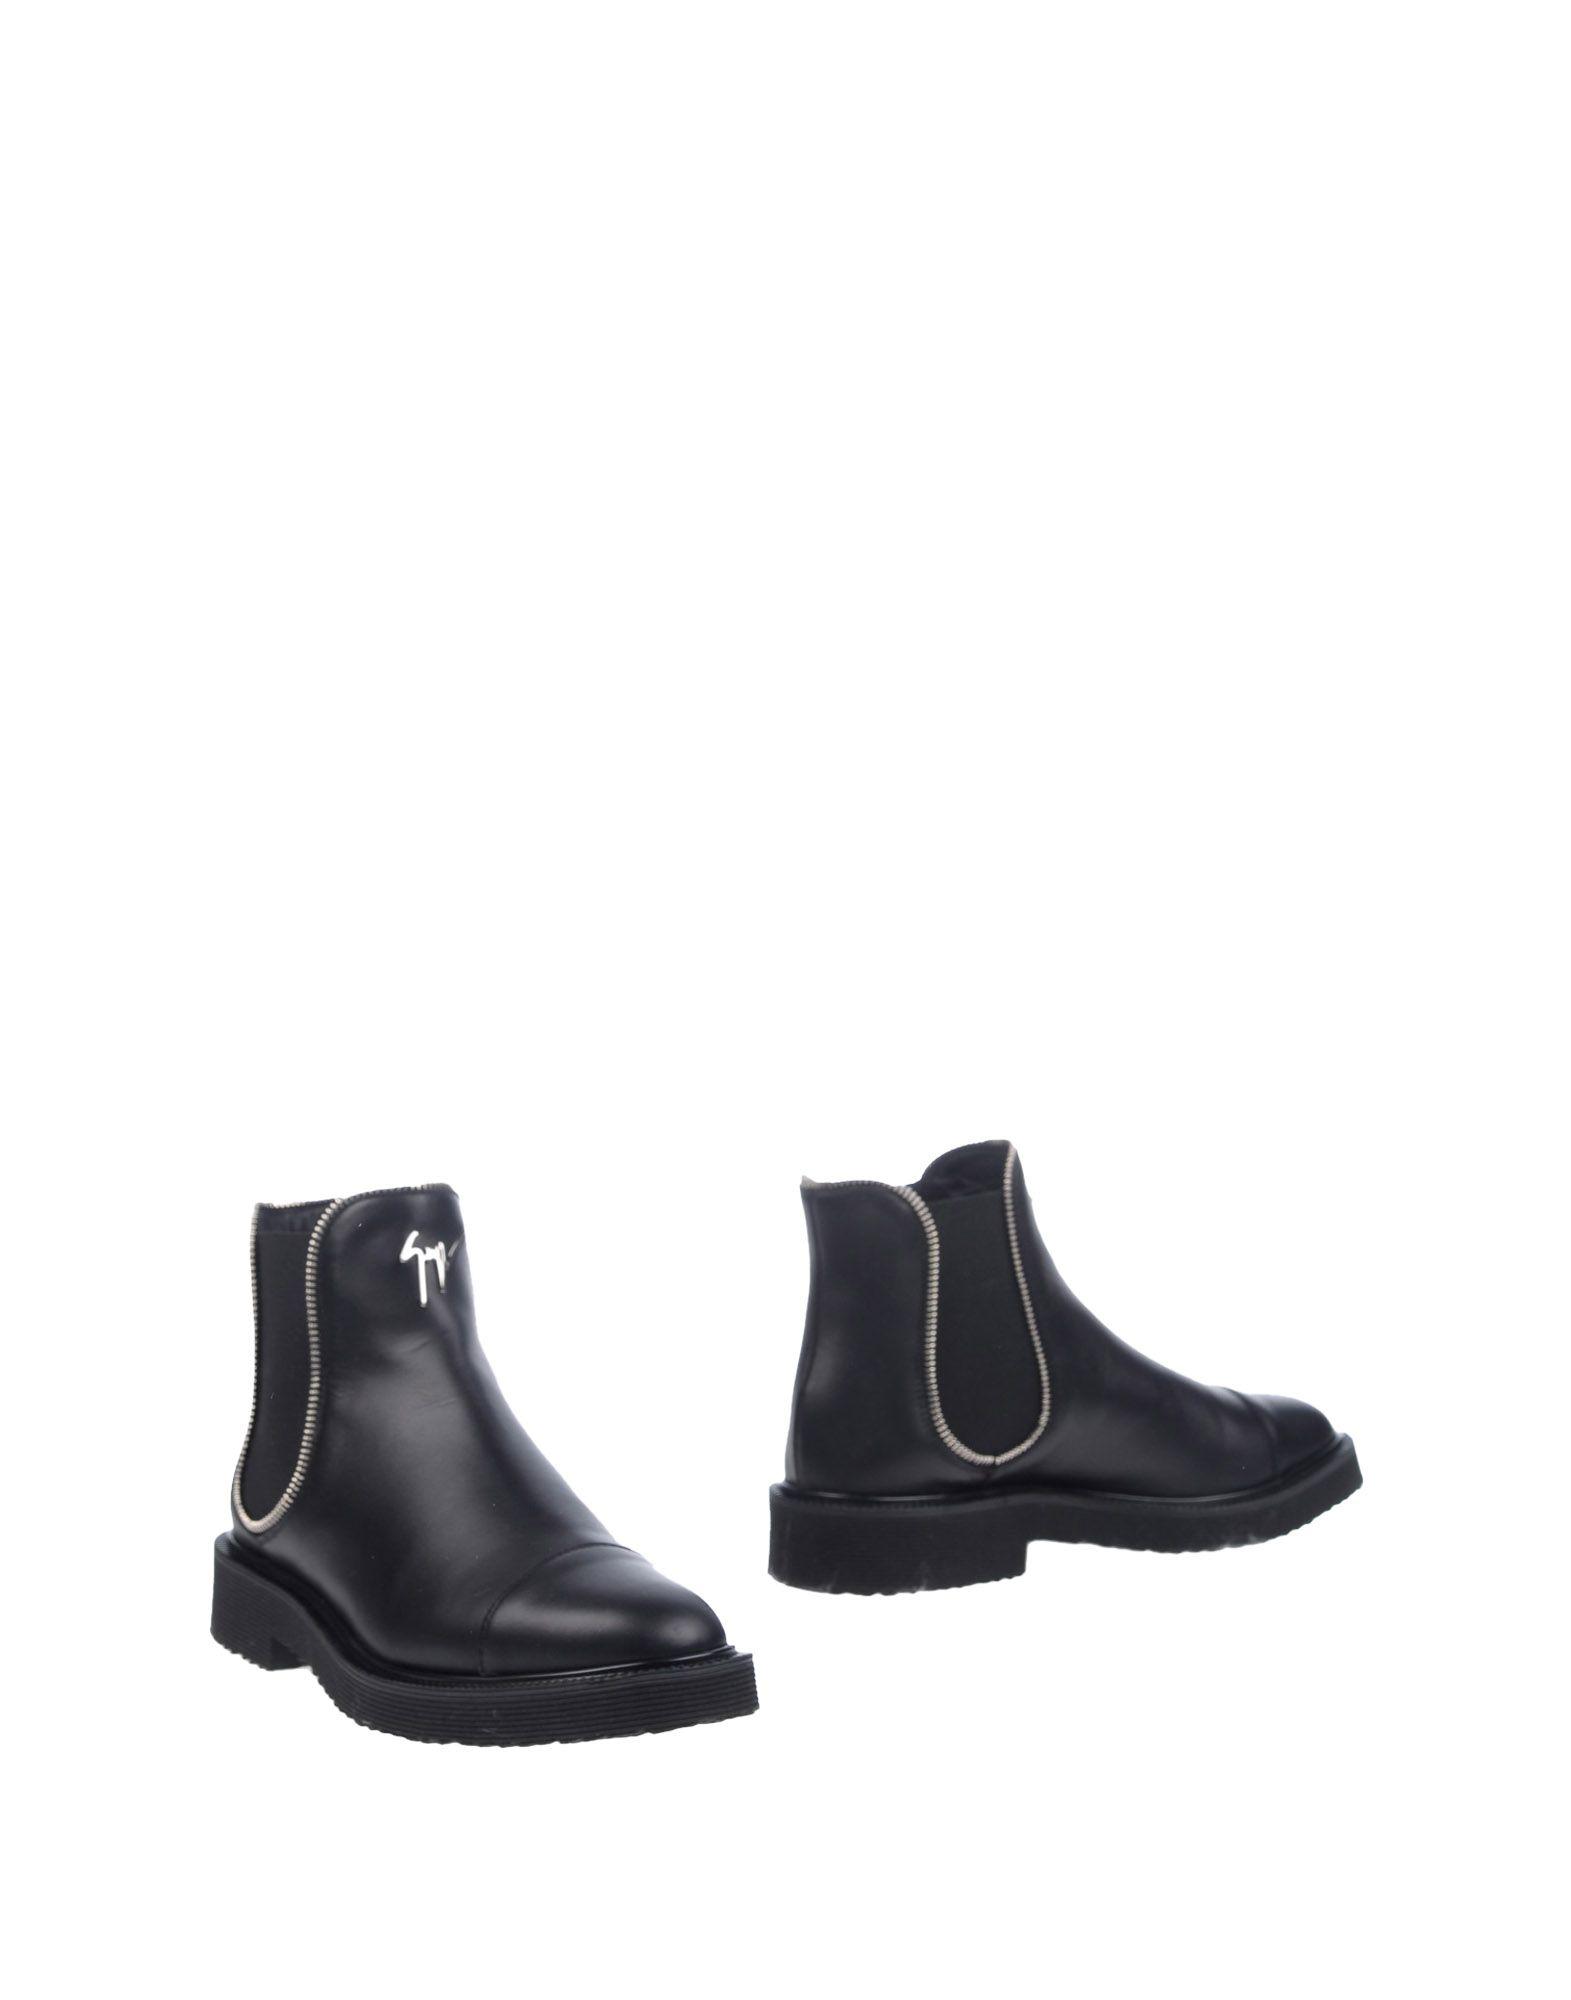 Giuseppe Zanotti Chelsea Boots Damen Schuhe  11275843UUGünstige gut aussehende Schuhe Damen 71aad0